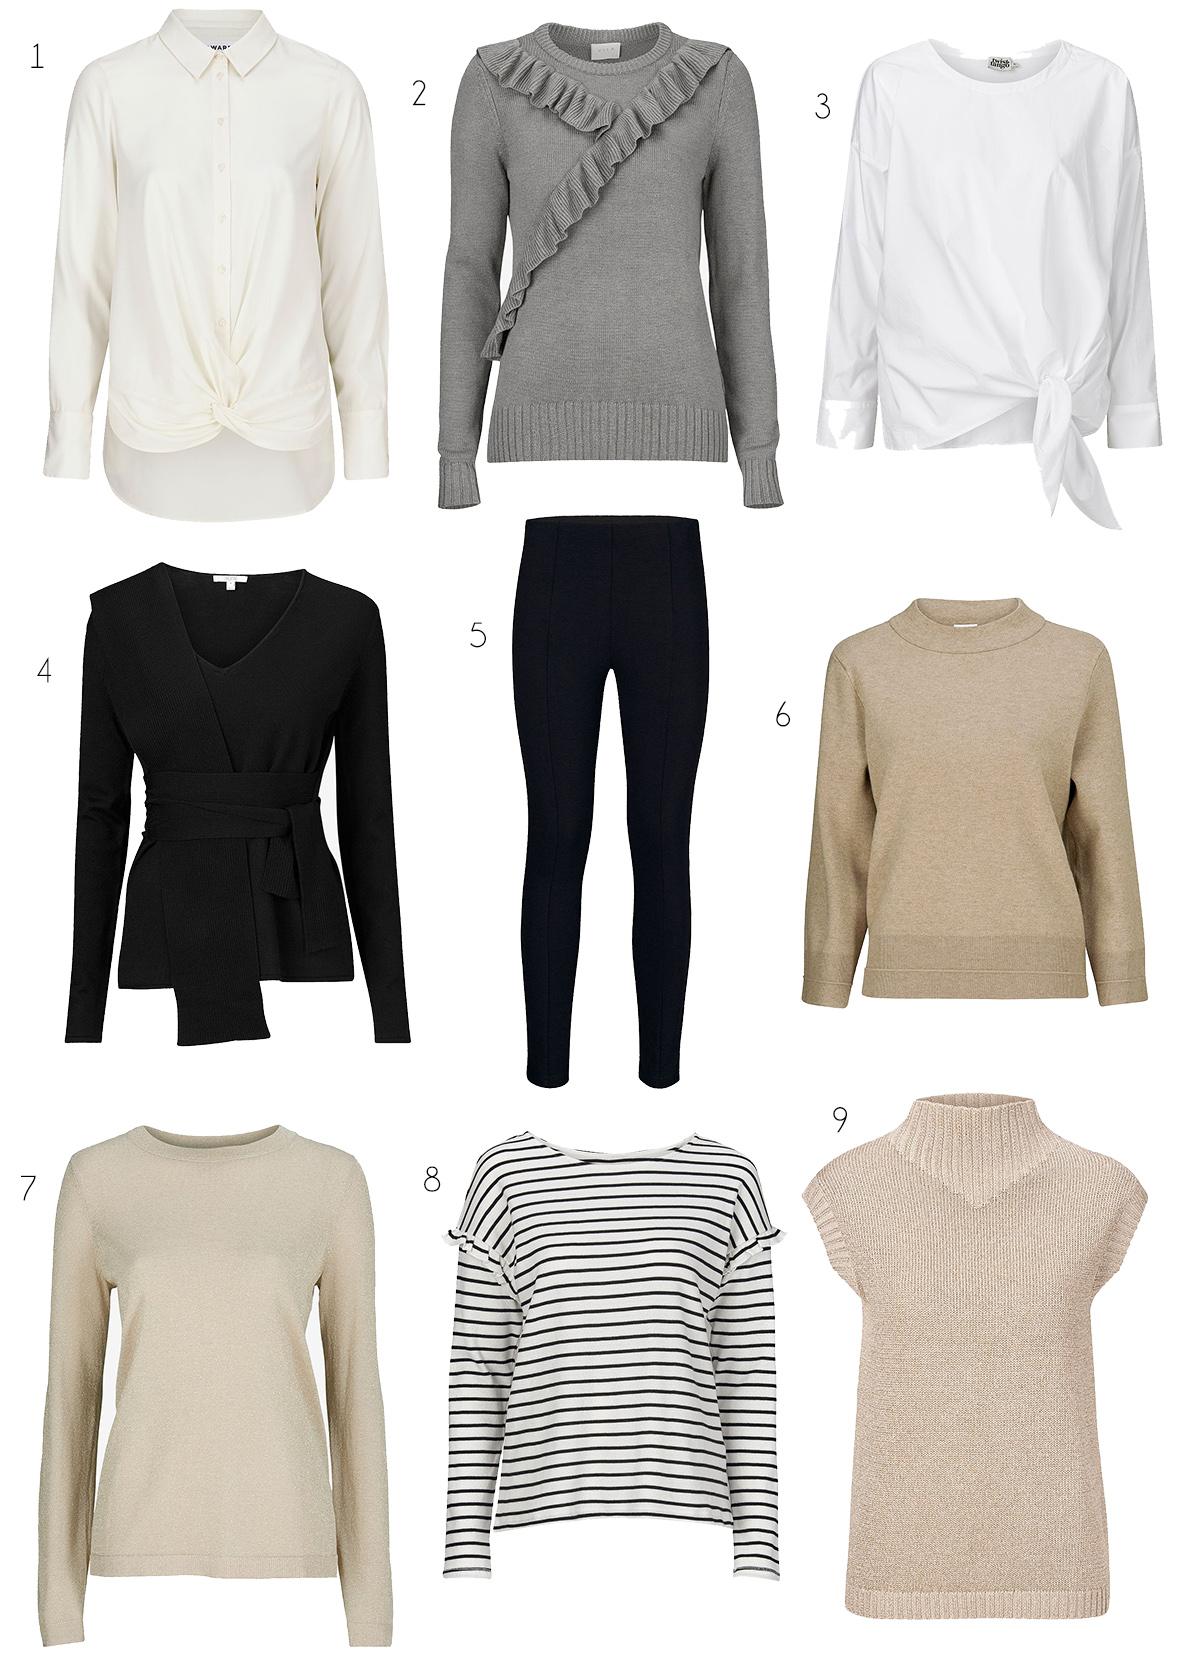 Ett par svarta byxor och åtta överdelar. Svarta byxor är helt otroligt bra  att ha i garderoben – någon ny topp till så blir det en ny outfit. 5912b3bec5200